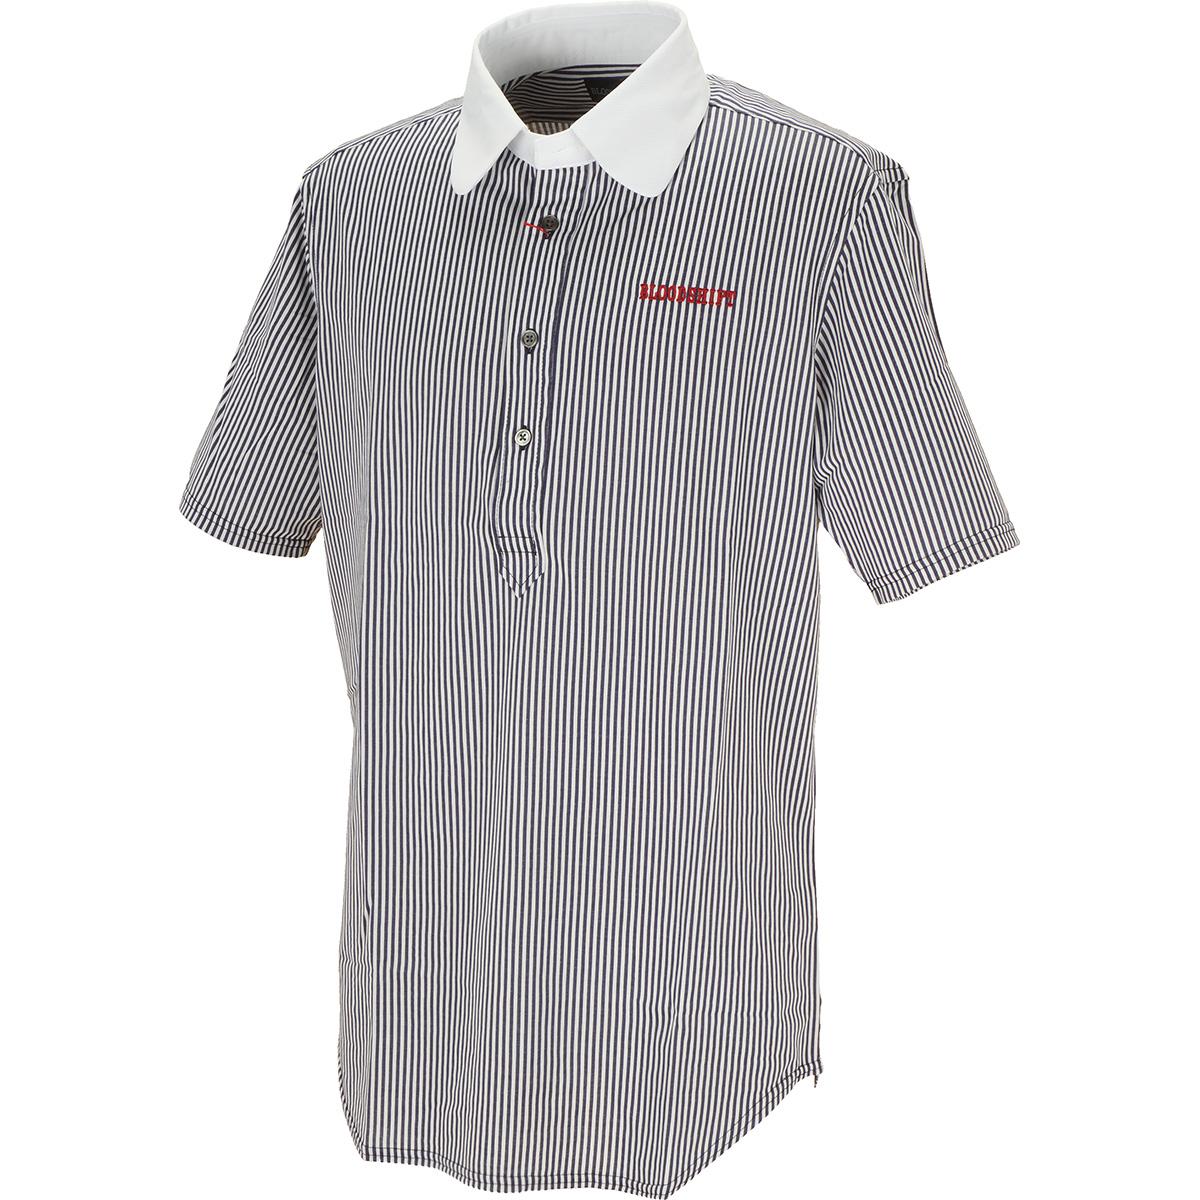 クレリック ラウンドカラー半袖ポロシャツ